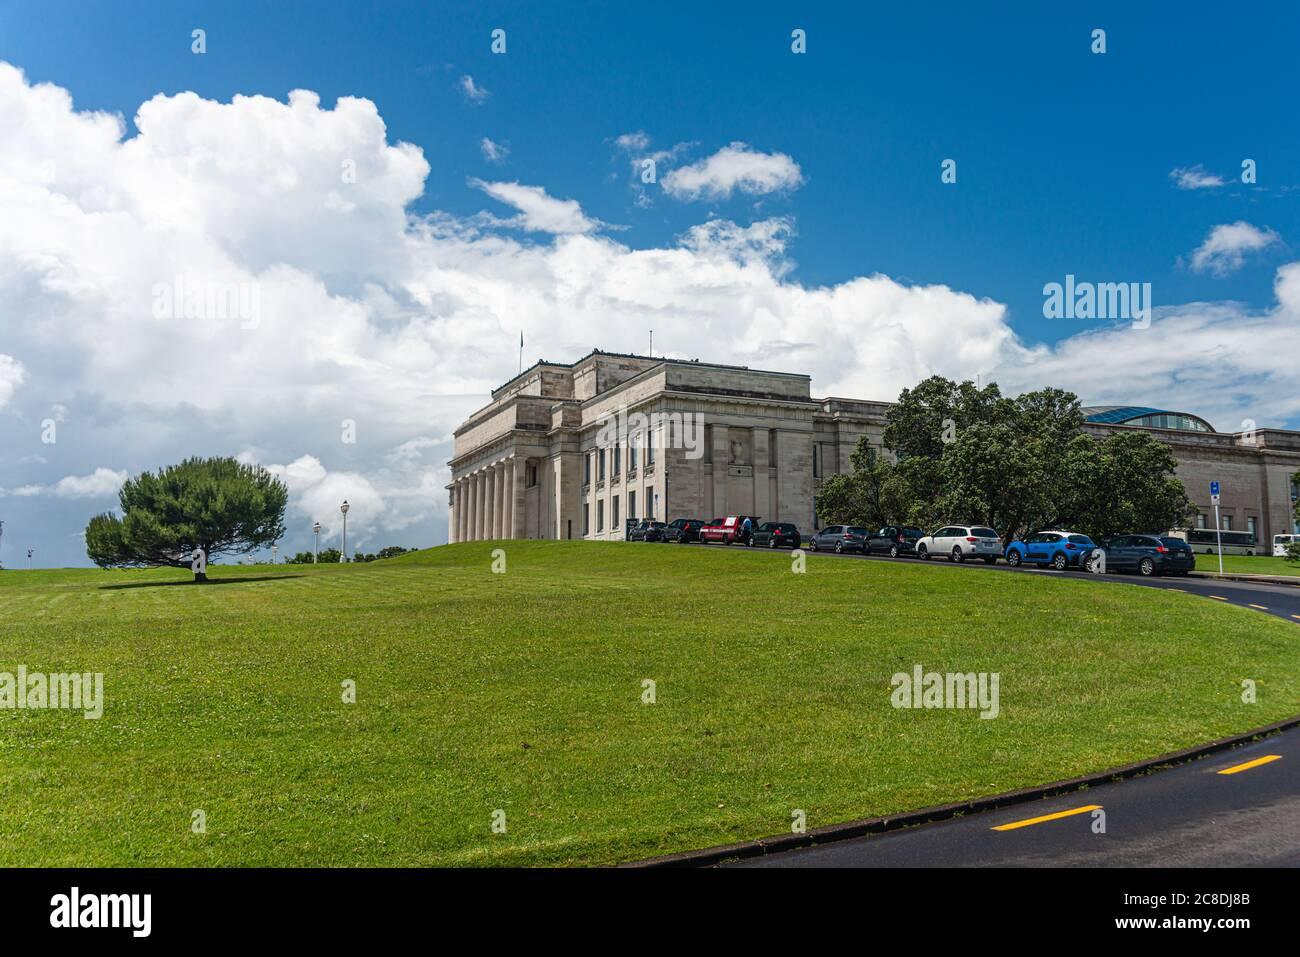 Straße in Richtung Auckland Museum Gebäude in der auckland Domain, Parnell, Neuseeland. Neoklassizistische Architektur Stockfoto